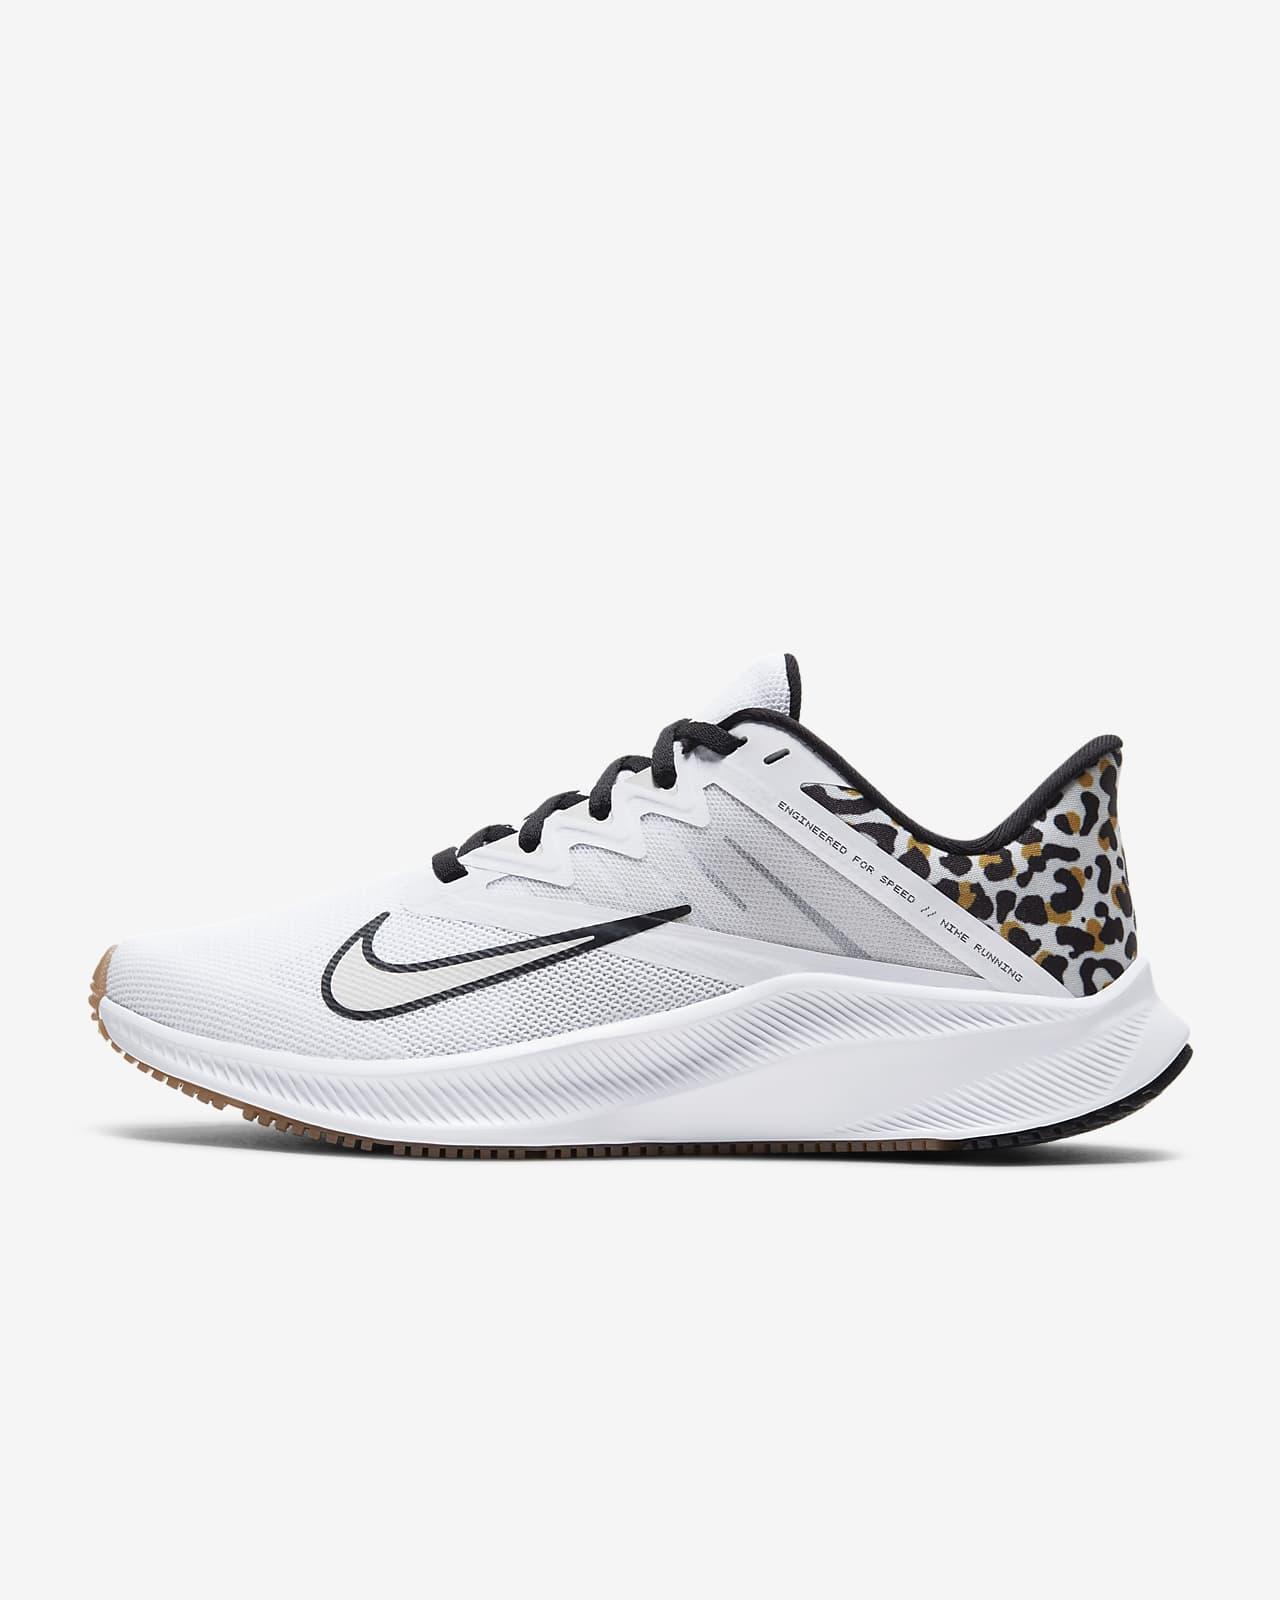 Chaussure de running Nike Quest 3 Premium pour Femme